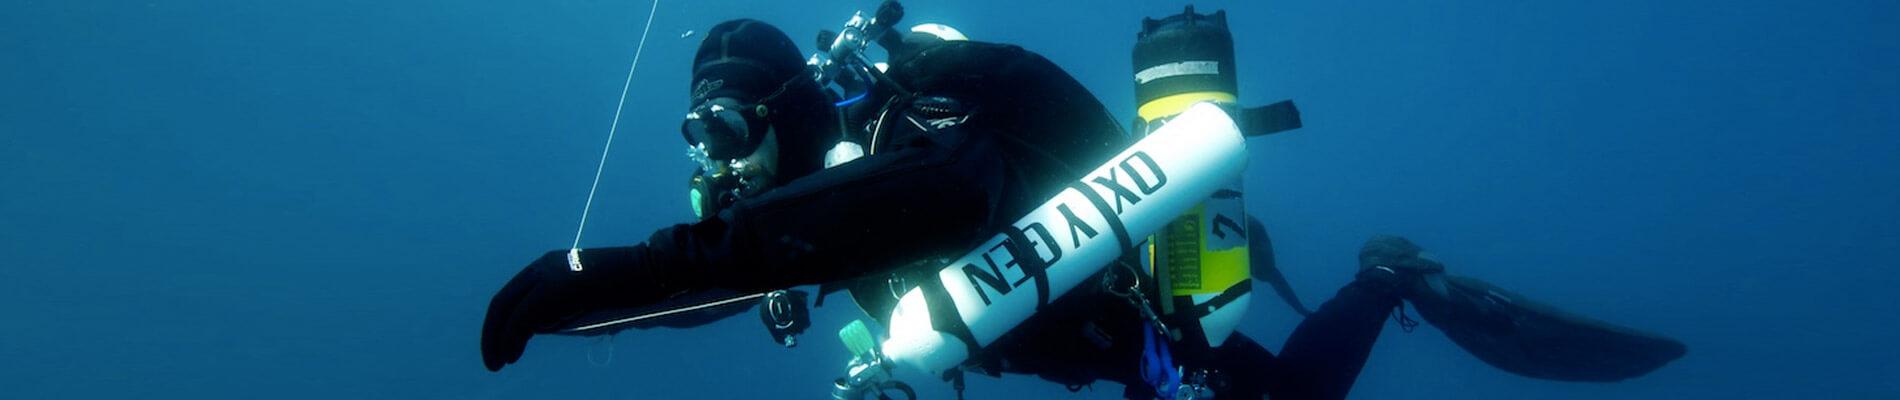 Tec Course Tecrec 40 Tec 45 Tec 50 Technical diving Sardinia Tec dive Tec wreck Dsat tecrec dive palau sardegna